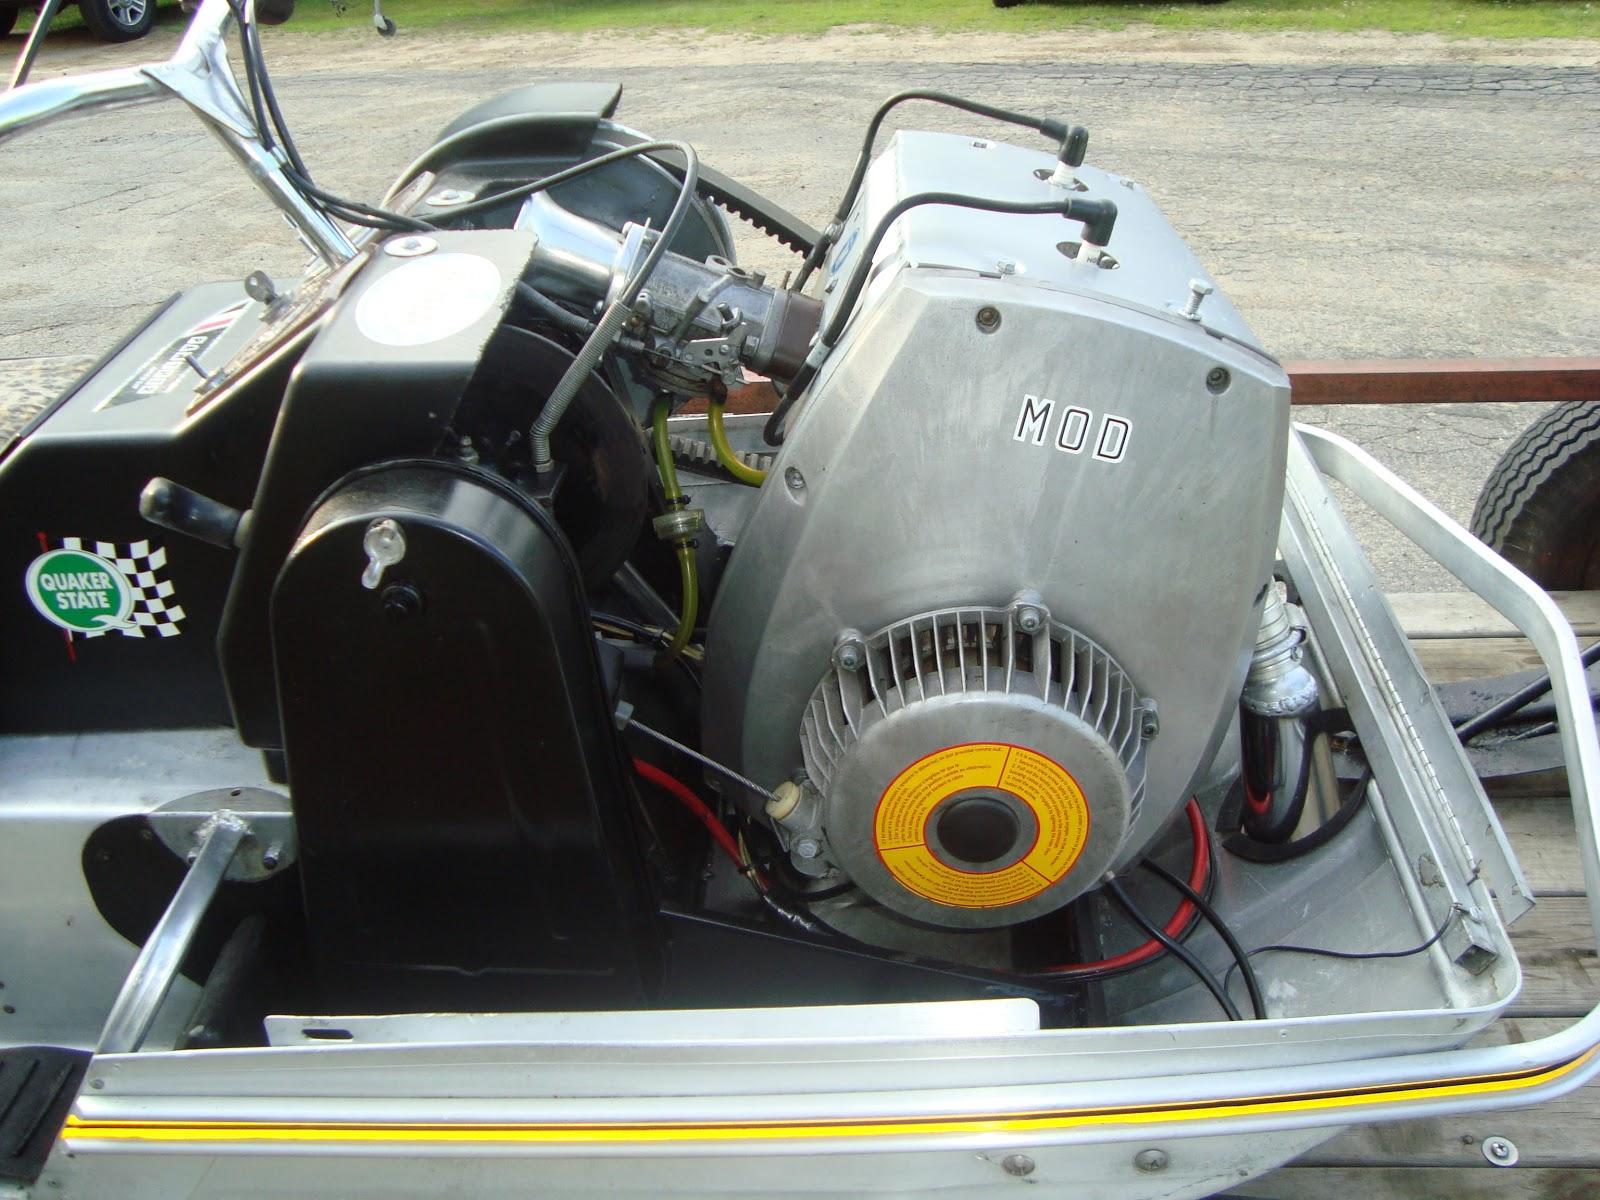 1970 Panther 634 Mod